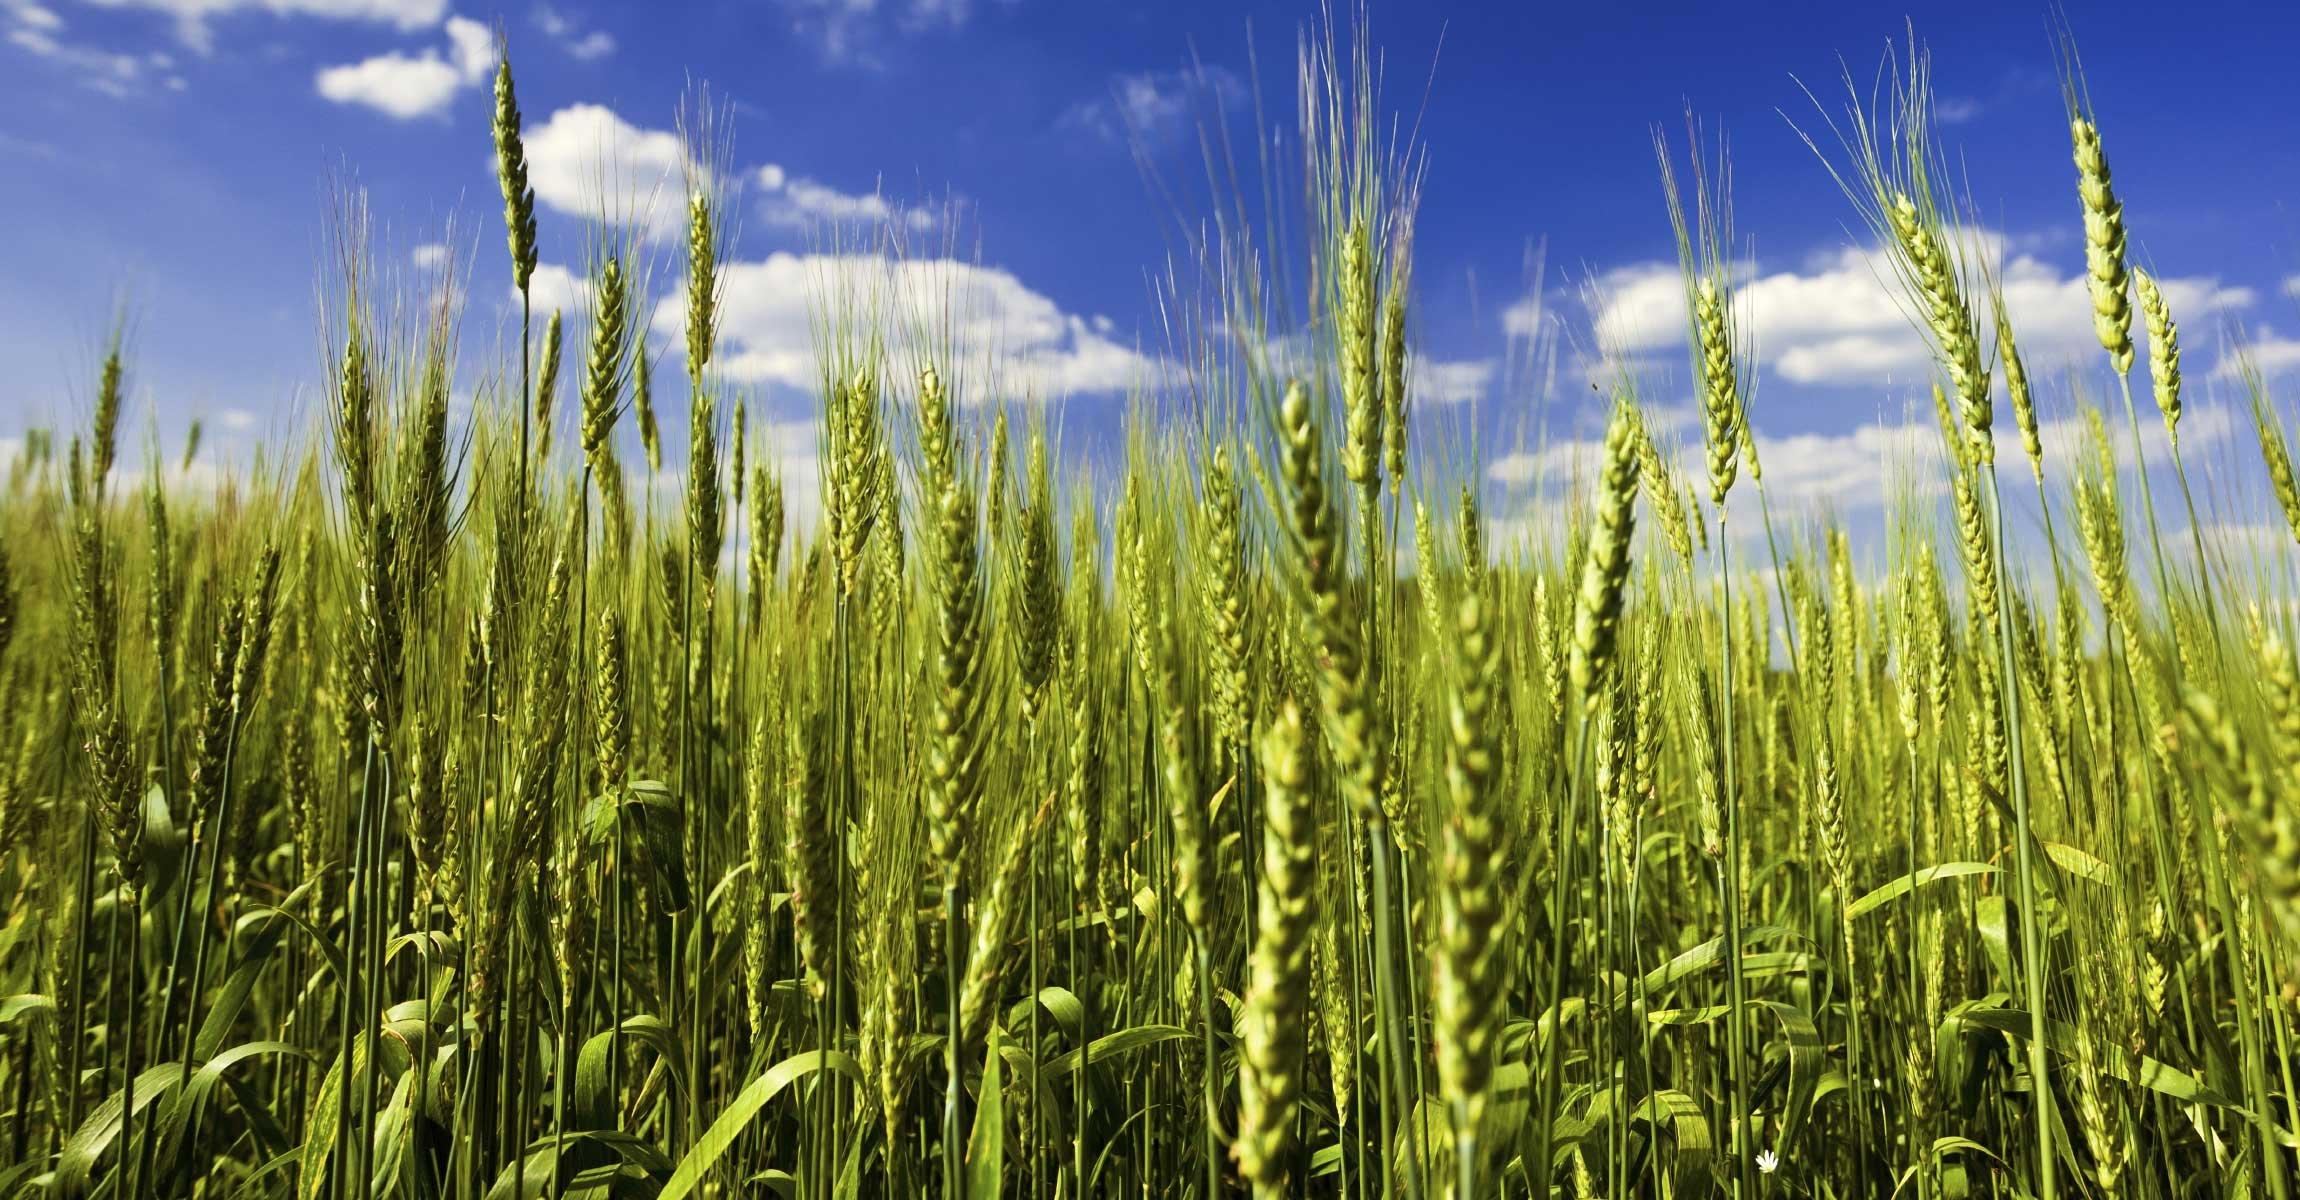 crop-background-02-5